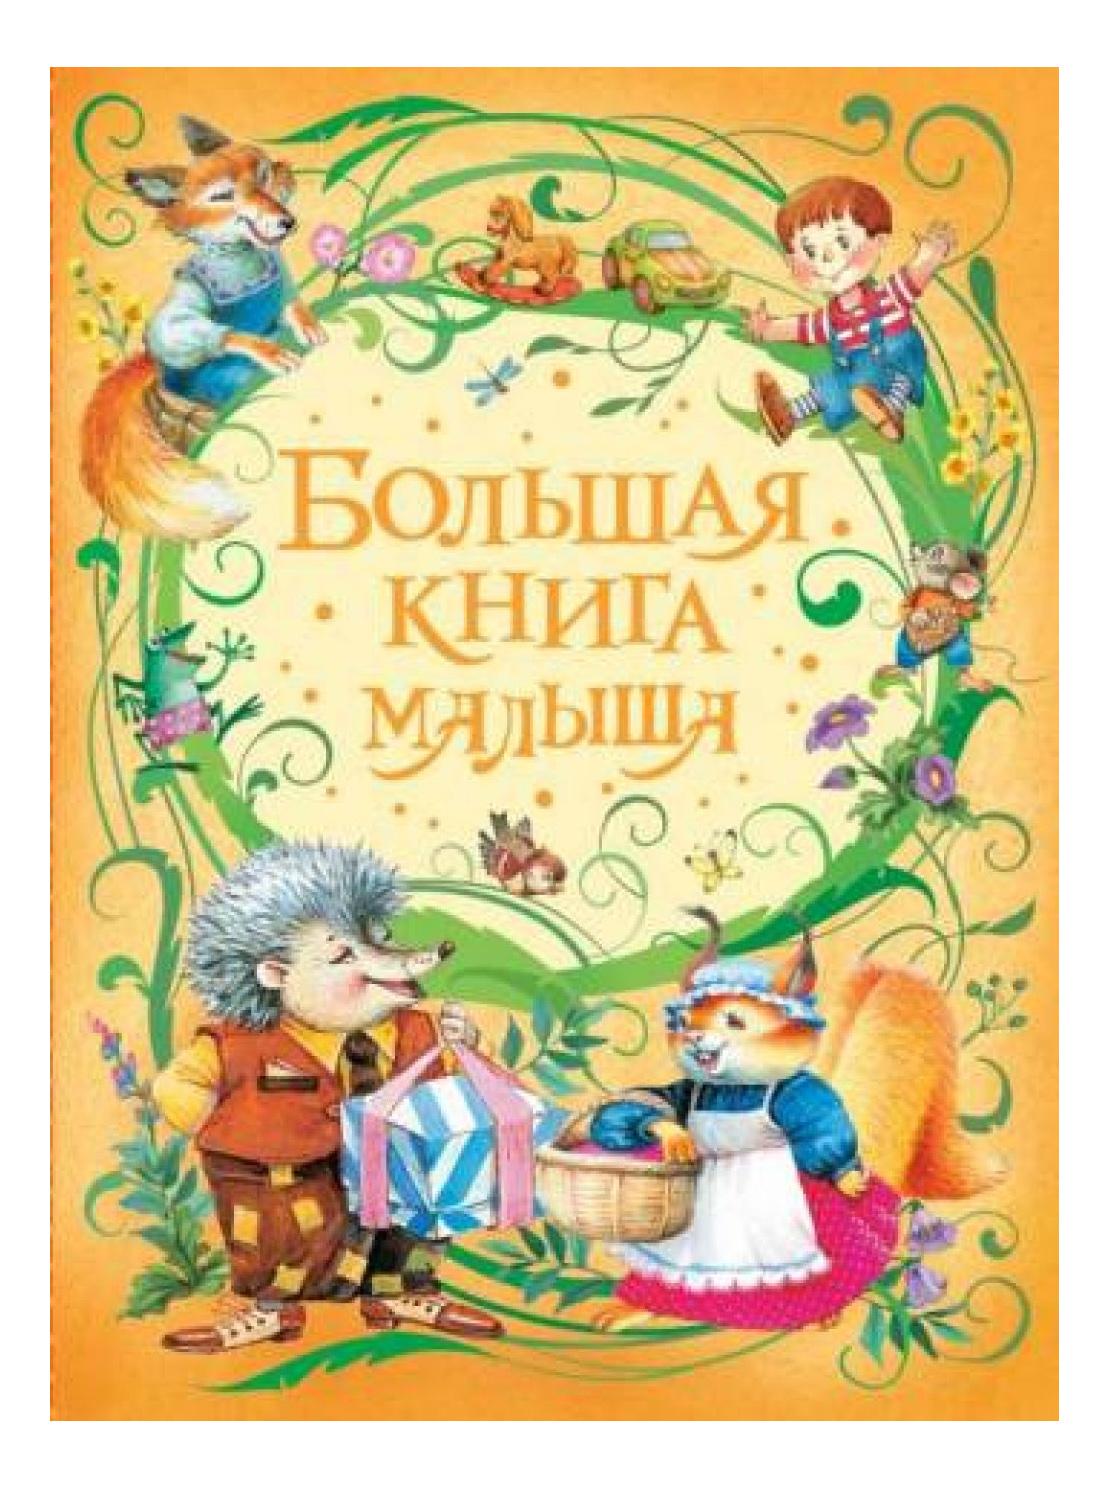 Большая книга Малыша фото